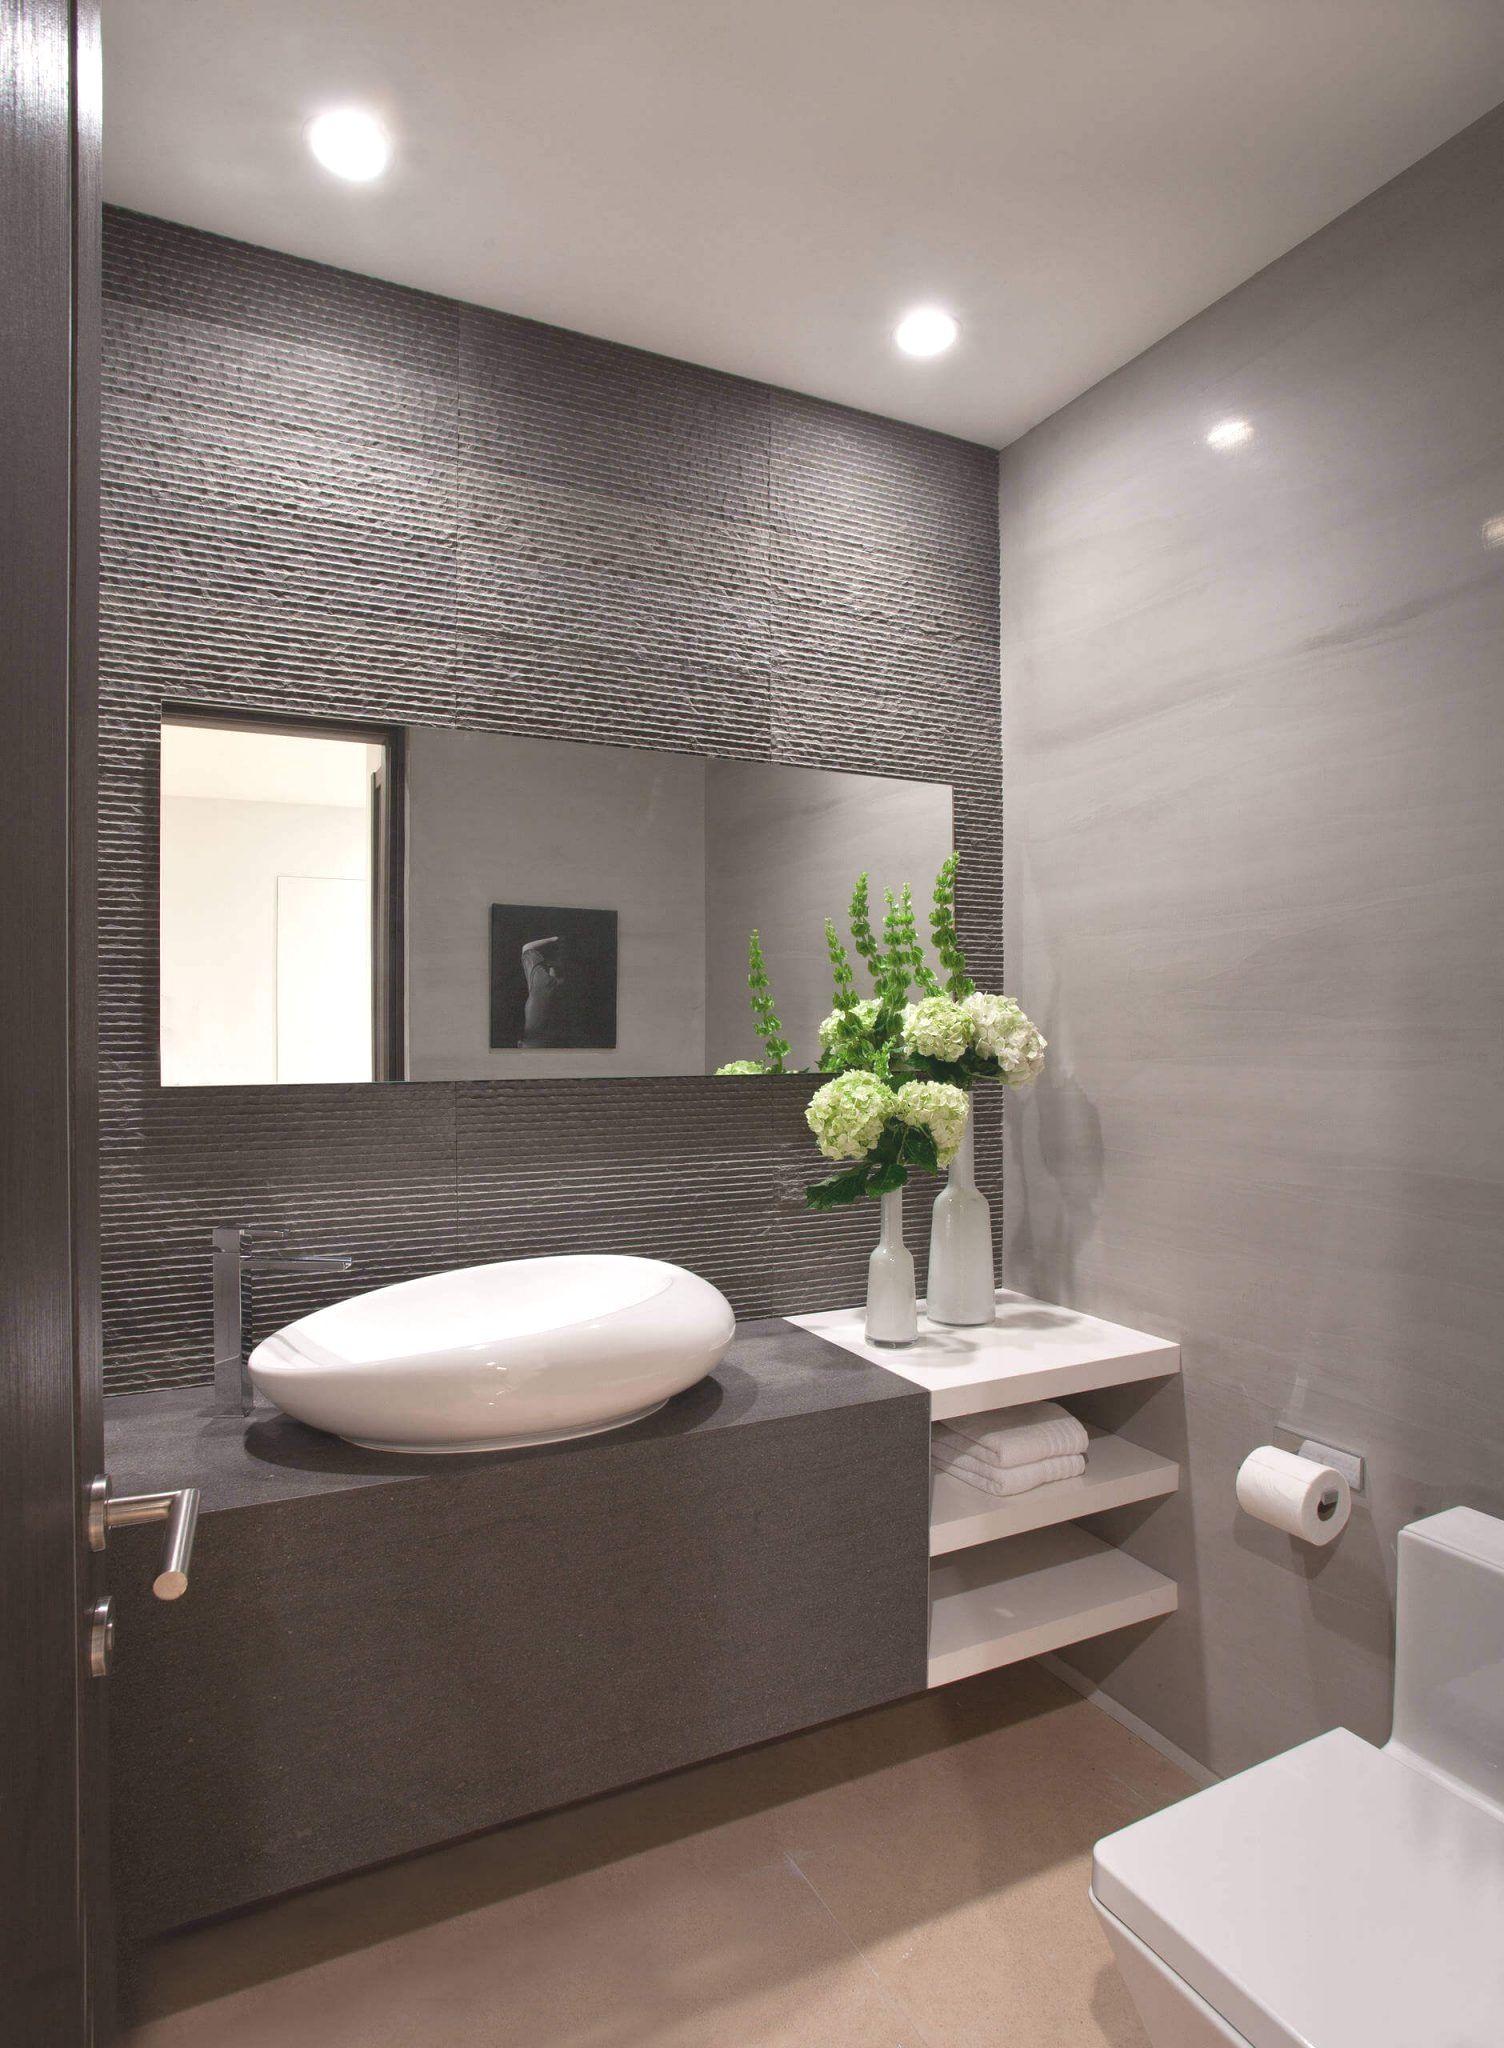 Beautiful Bathroom Ideas Minimalist Bathroom Design Contemporary Bathroom Designs Bathroom Design